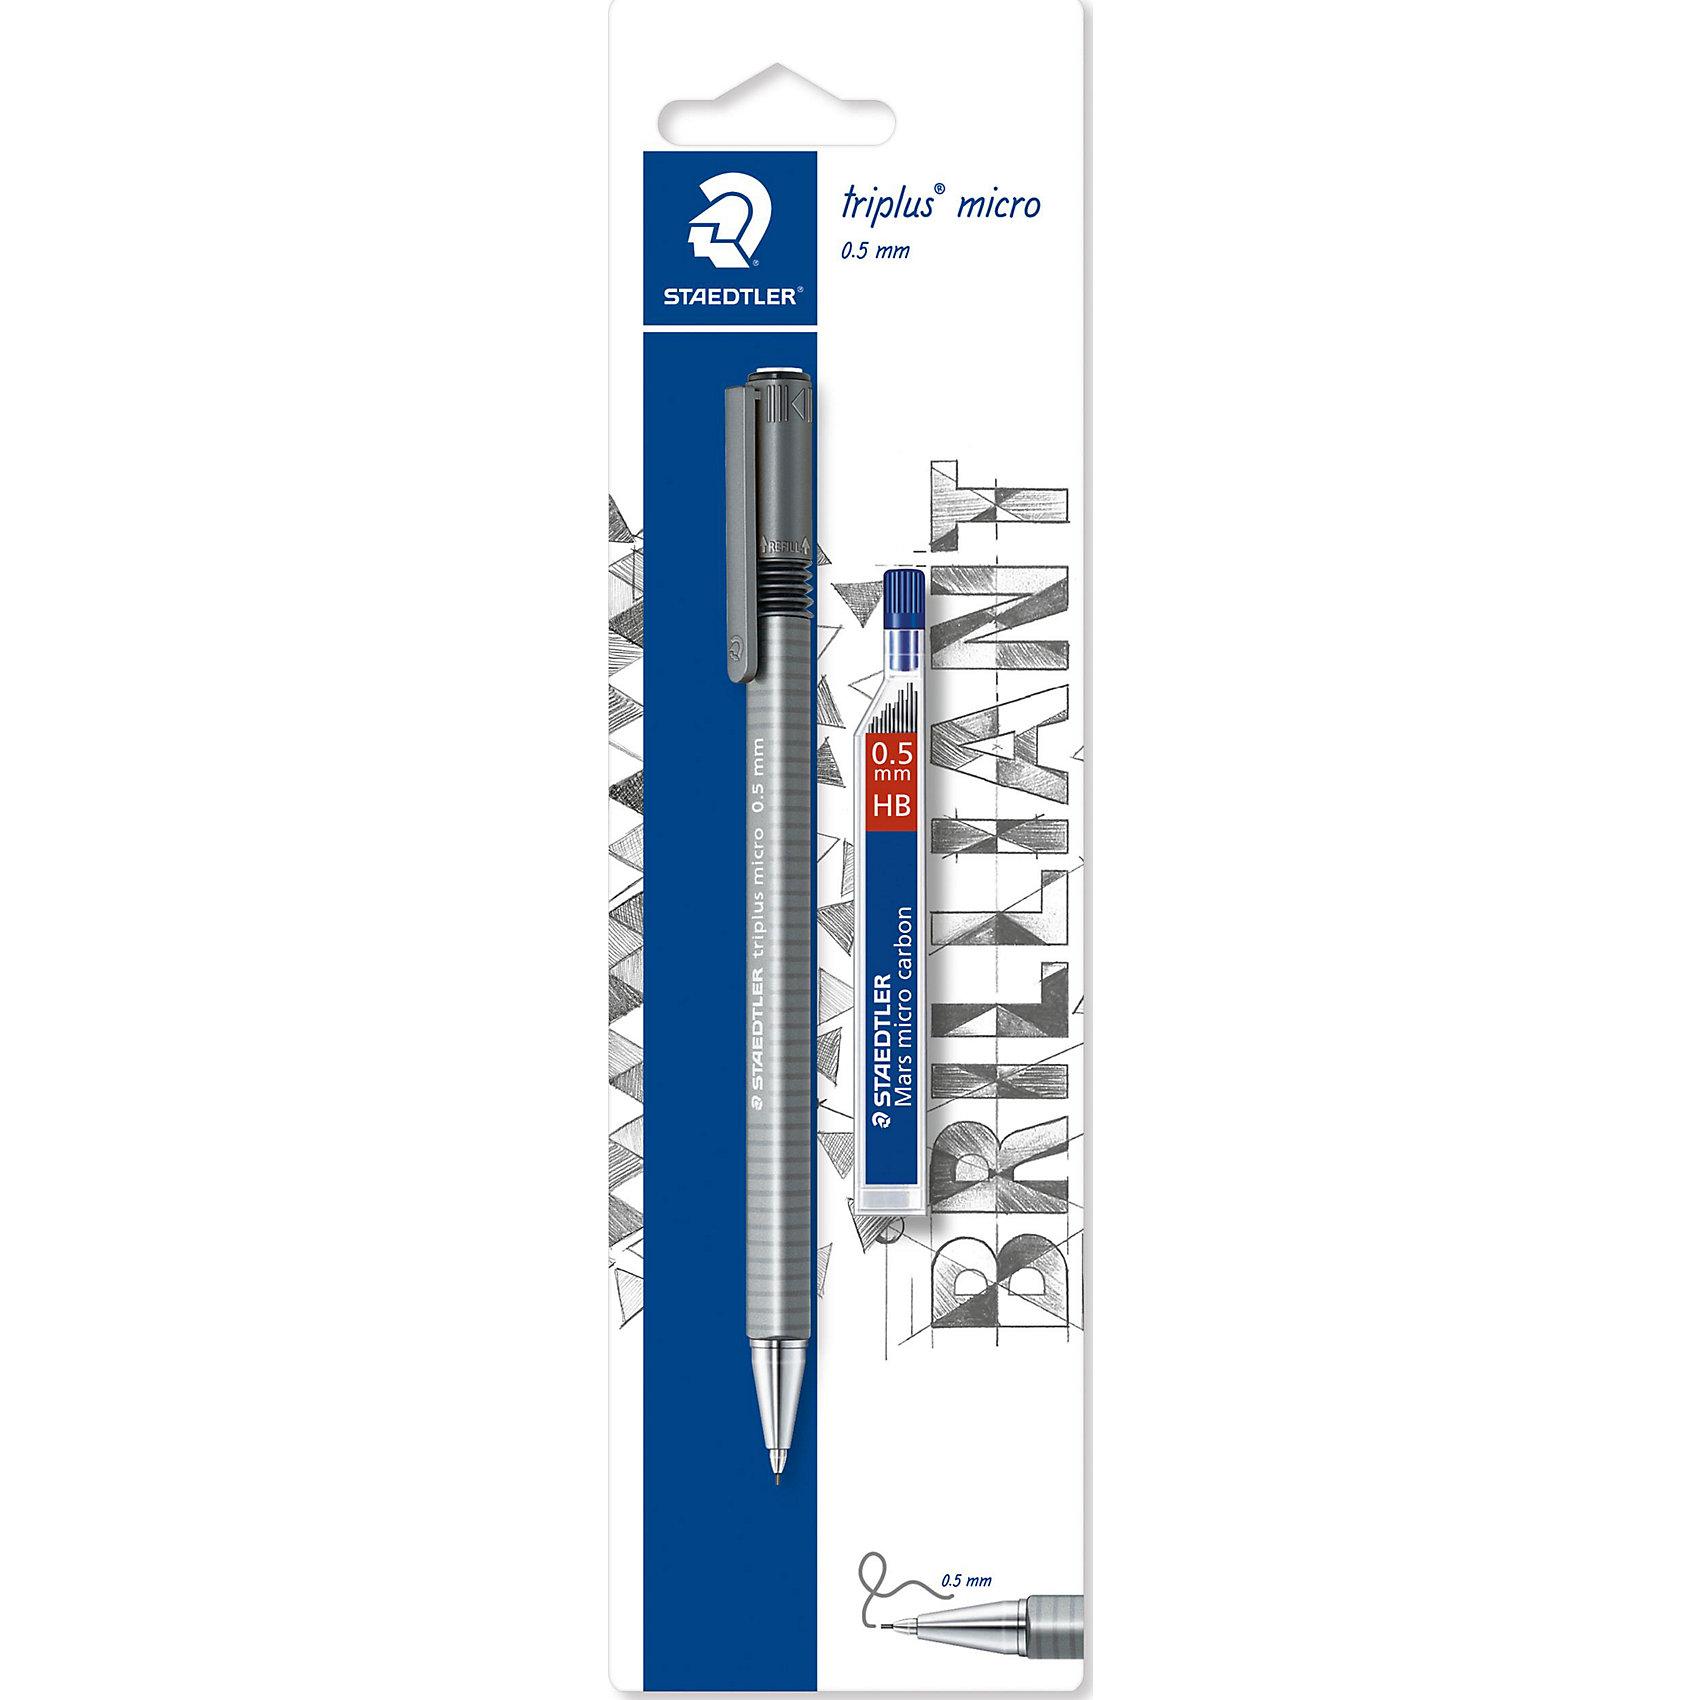 Механический карандаш Triplus Micro, 0,5 ммПисьменные принадлежности<br>Механический карандаш Triplus micro774 в блистерной упаковке. Содержит: 1 механический карандаш (грифель 0,7 мм), 1 уп. грифелей 0,5 мм. Предназначен для письма. Эргонамичная трехгарнная форма для удобного и легкого письма. Хромированный металлический пишущий узел. Безопасно для ношения в кармане благодаря убираемому грифелю. Амортизирующее крепление грифеля - дополнительная защита от поломки. Экстра длинный выкручиваюшийся ластик без ПВХ и латекса. Грифели В (мягкие).<br><br>Ширина мм: 235<br>Глубина мм: 66<br>Высота мм: 12<br>Вес г: 26<br>Возраст от месяцев: 108<br>Возраст до месяцев: 168<br>Пол: Унисекс<br>Возраст: Детский<br>SKU: 4853263